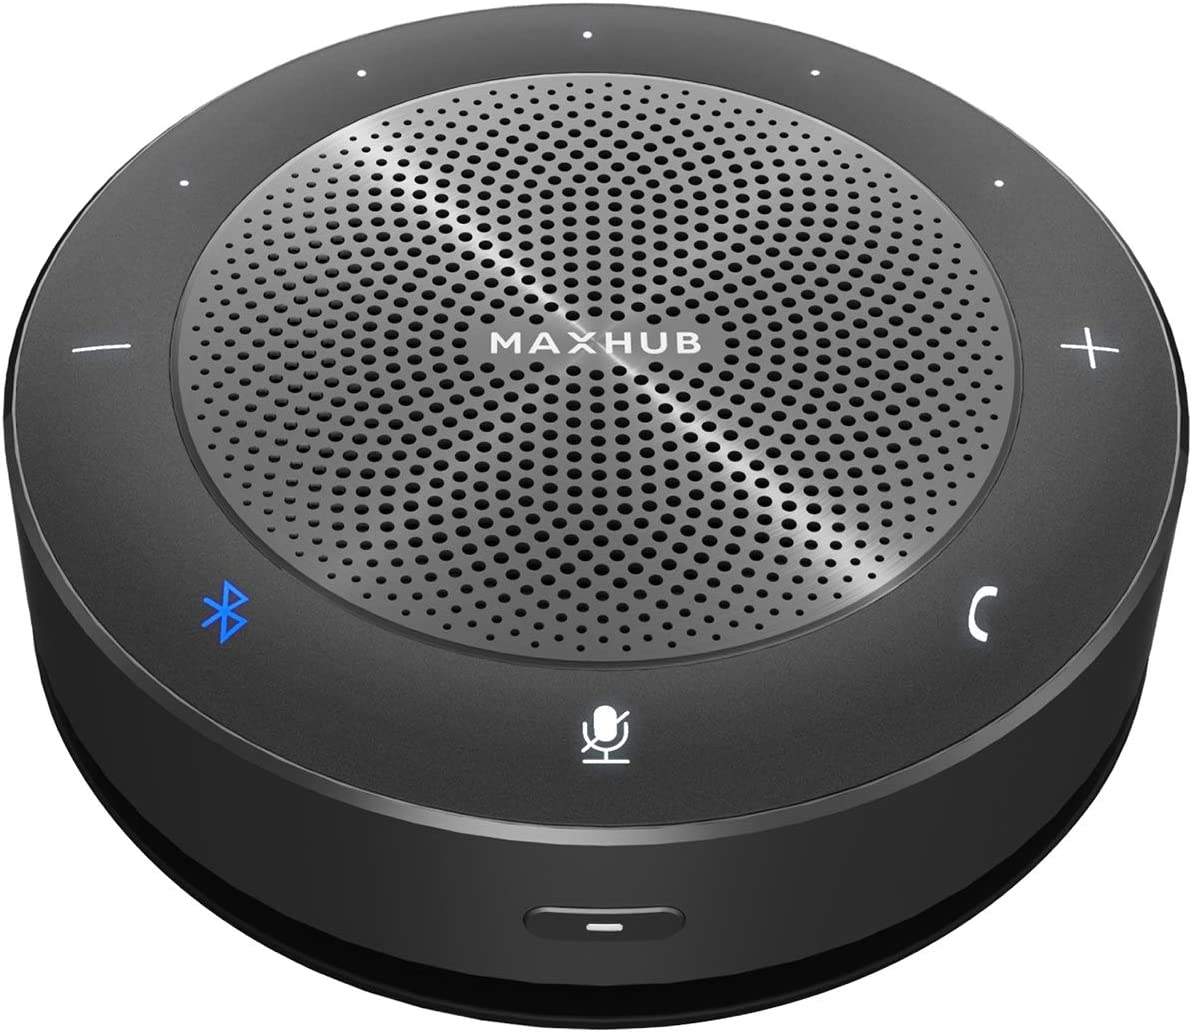 Altavoz-Bluetooth-para-conferencias– Altavoces Maxhub con algoritmo de reducción de Ruido Mejorado del micrófono, Pastilla de Voz de 360°³